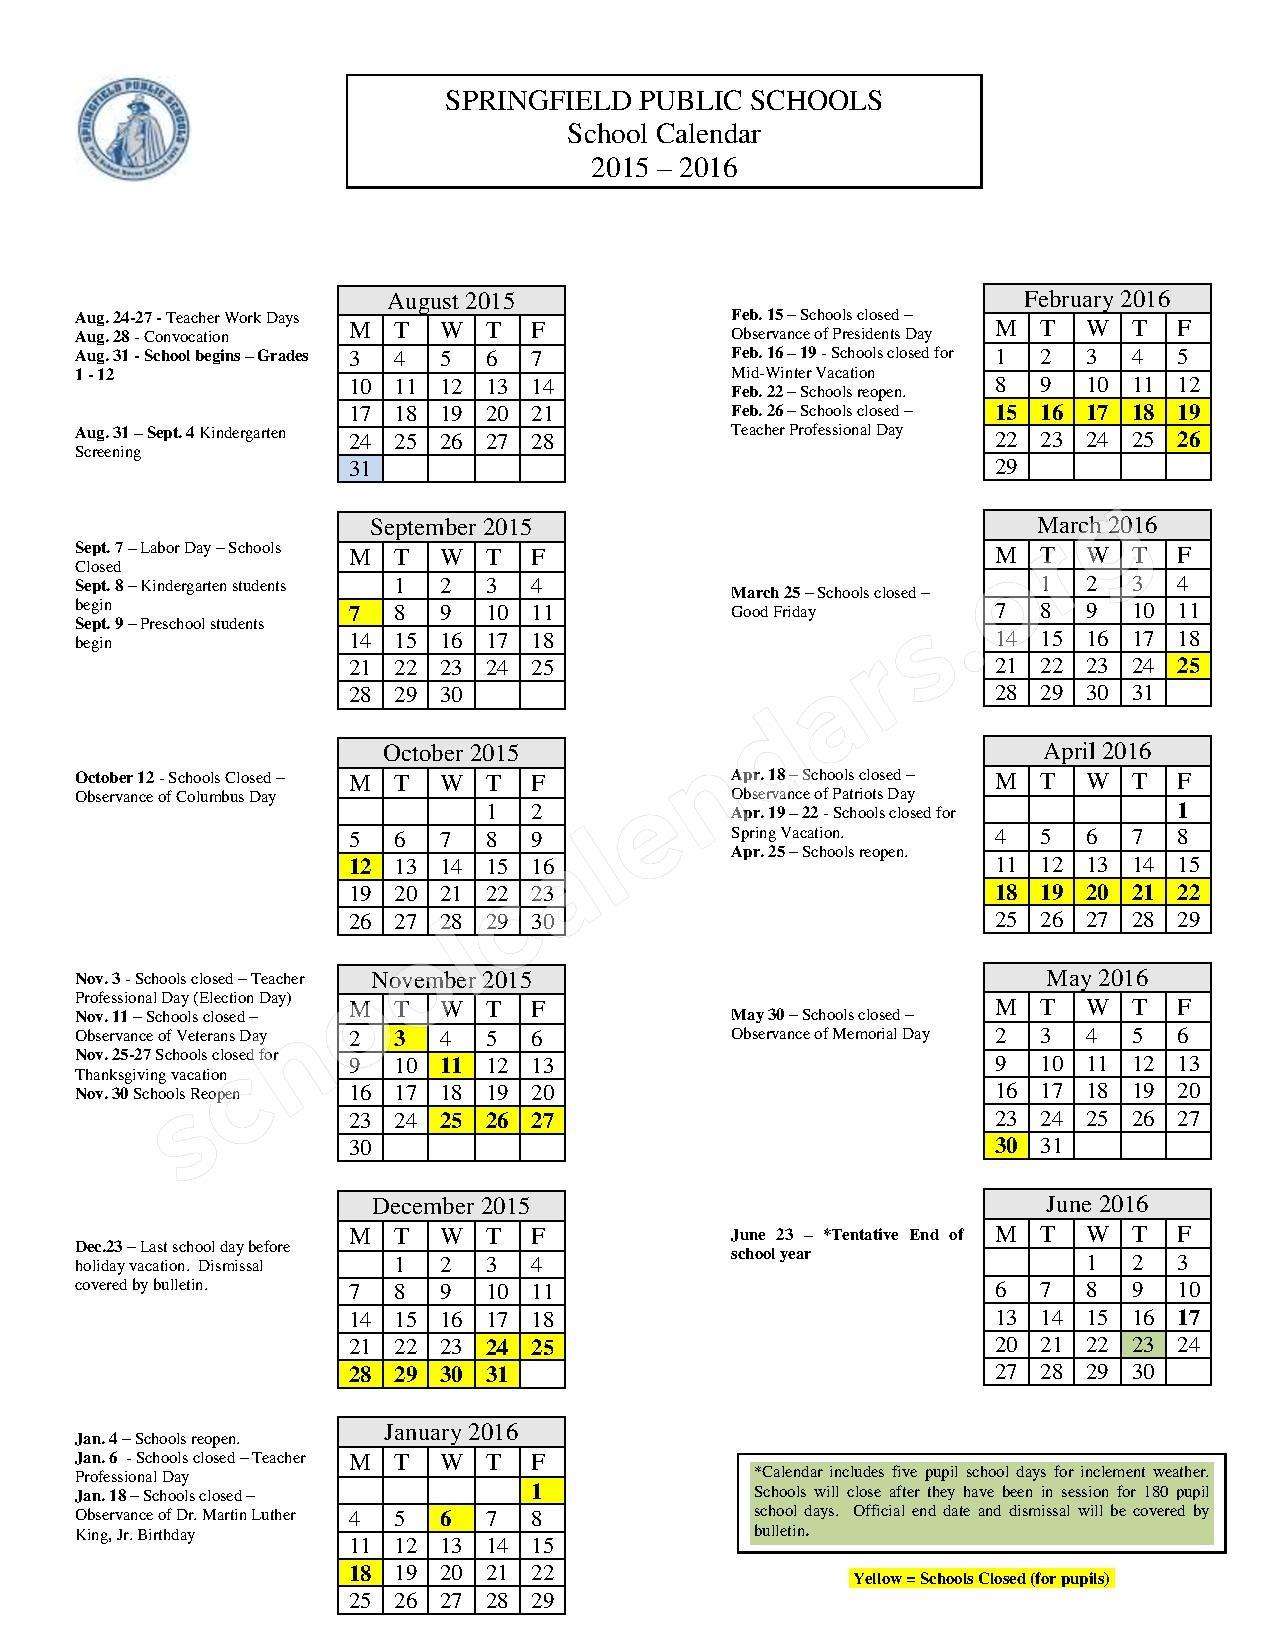 2015 - 2016 School Calendar – Springfield Public Schools – page 1